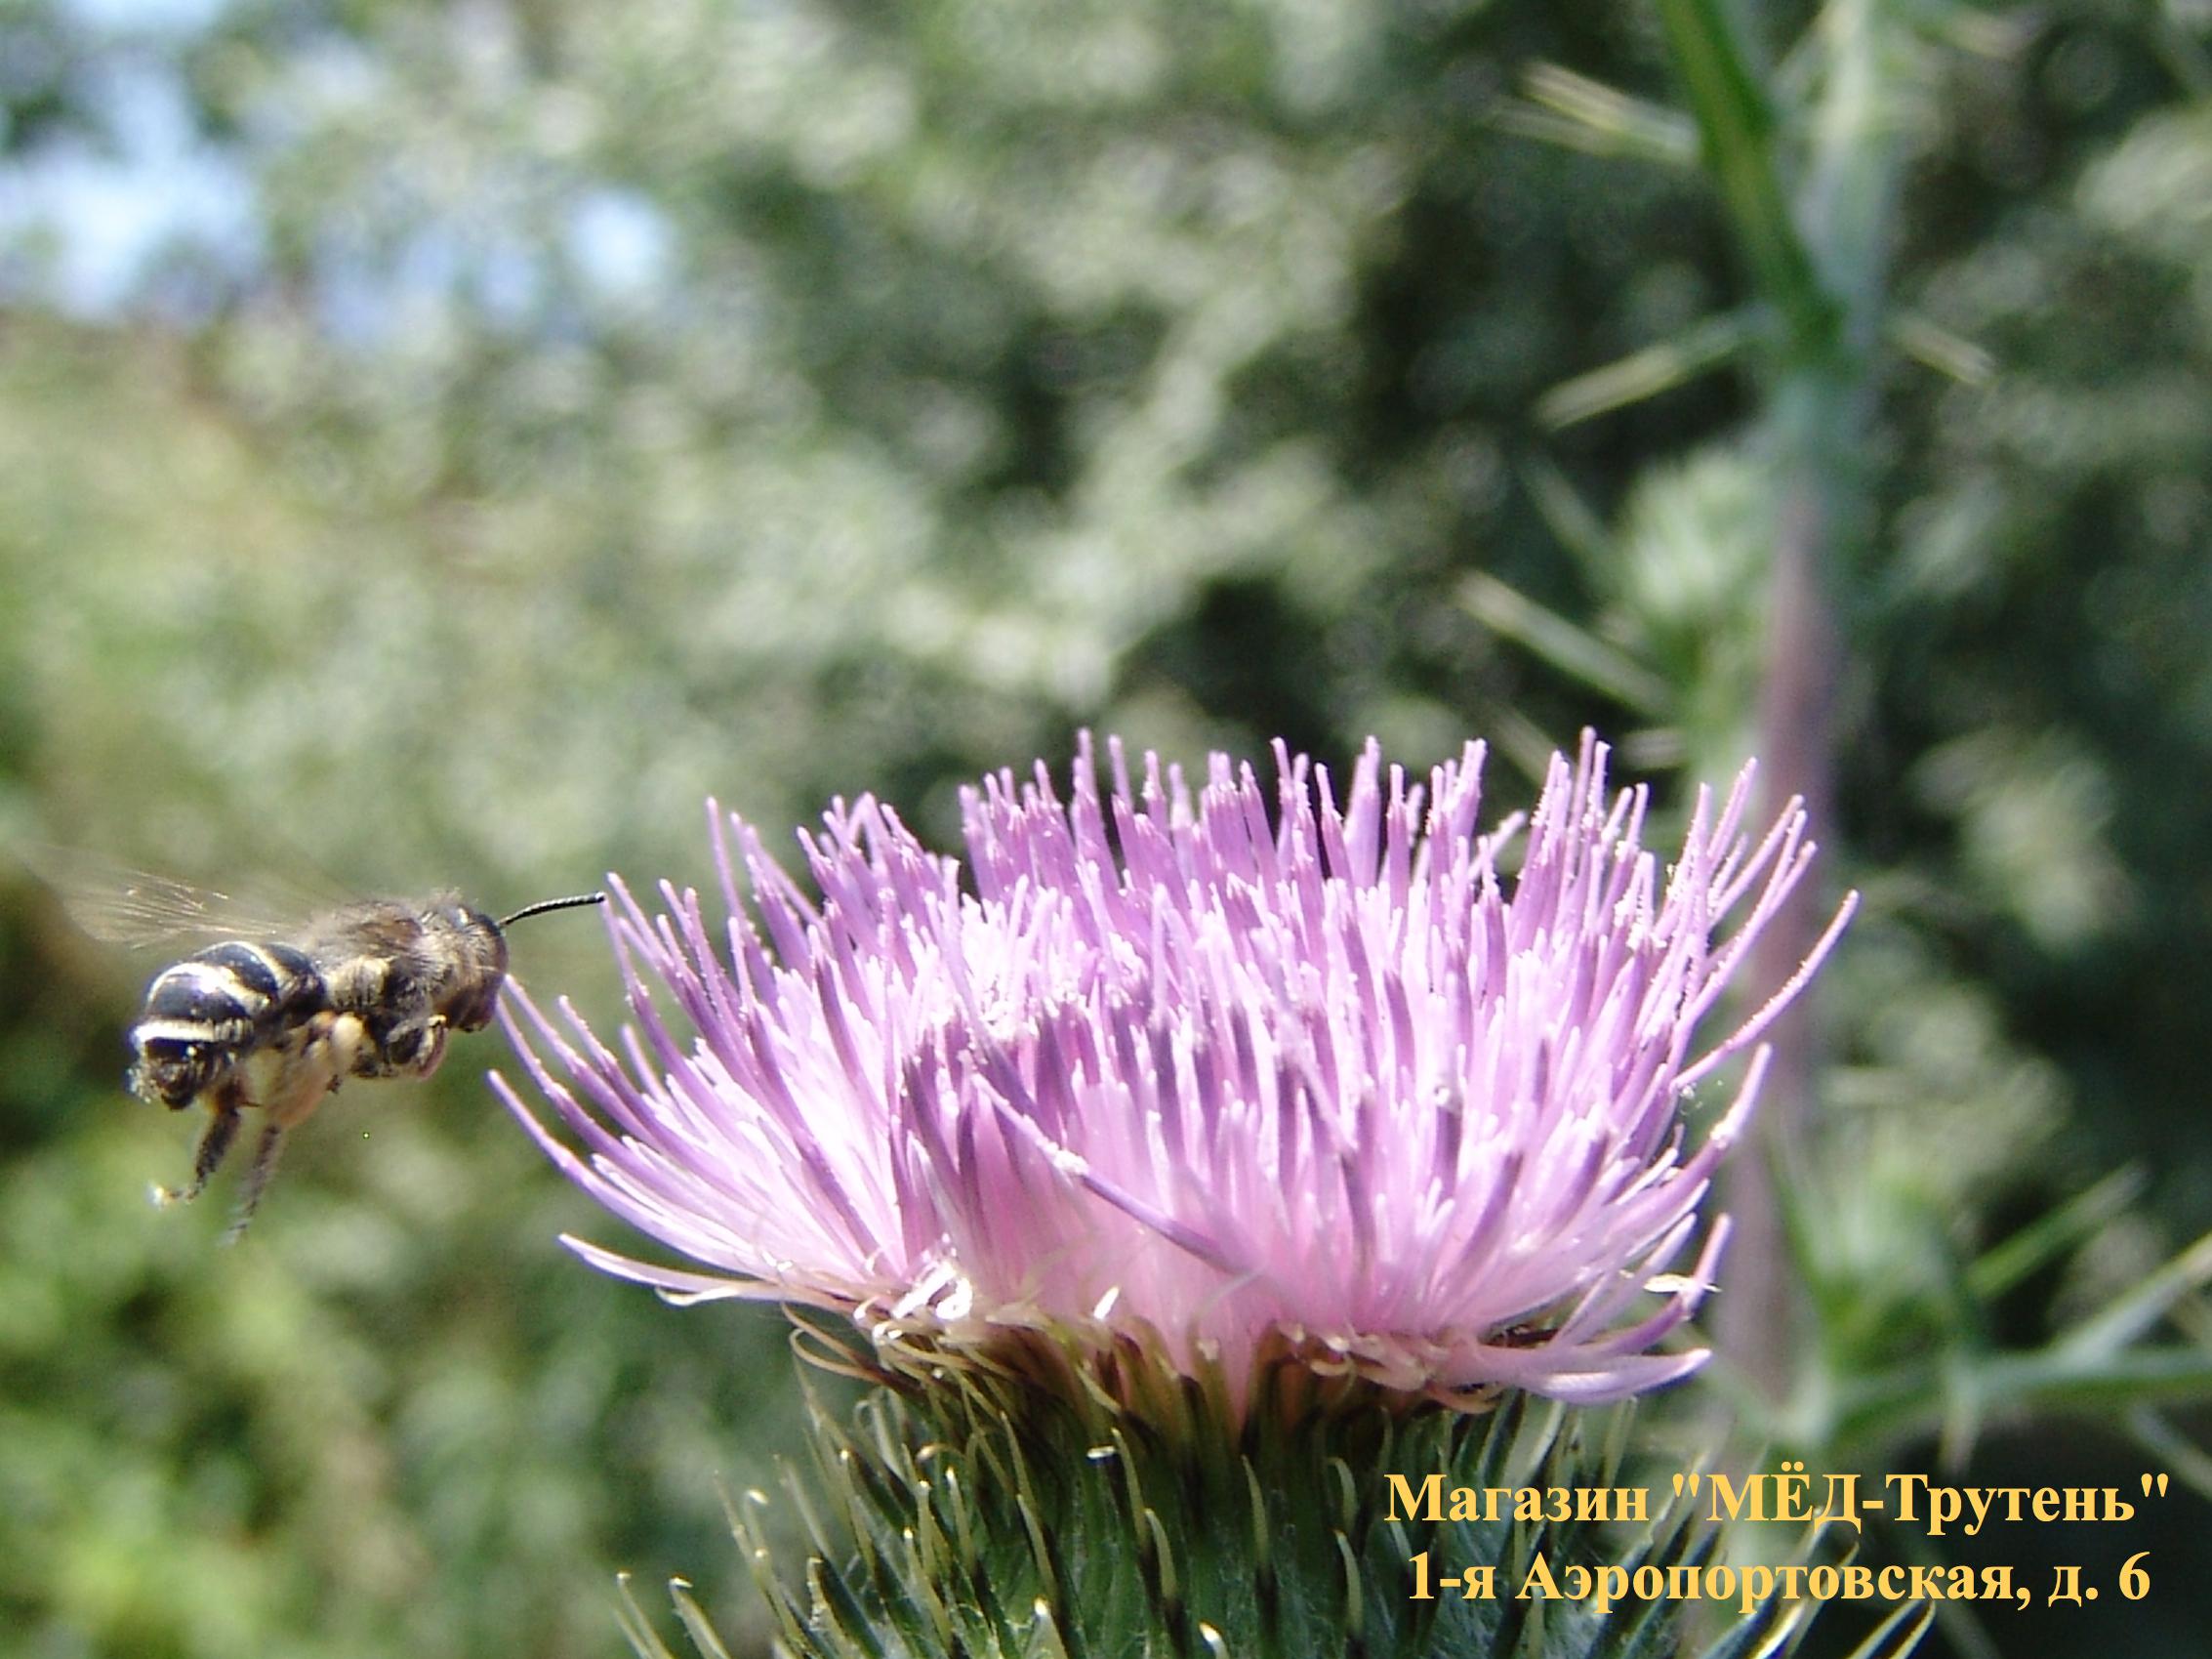 Посадка на цветок. НИИ Пчеловодства